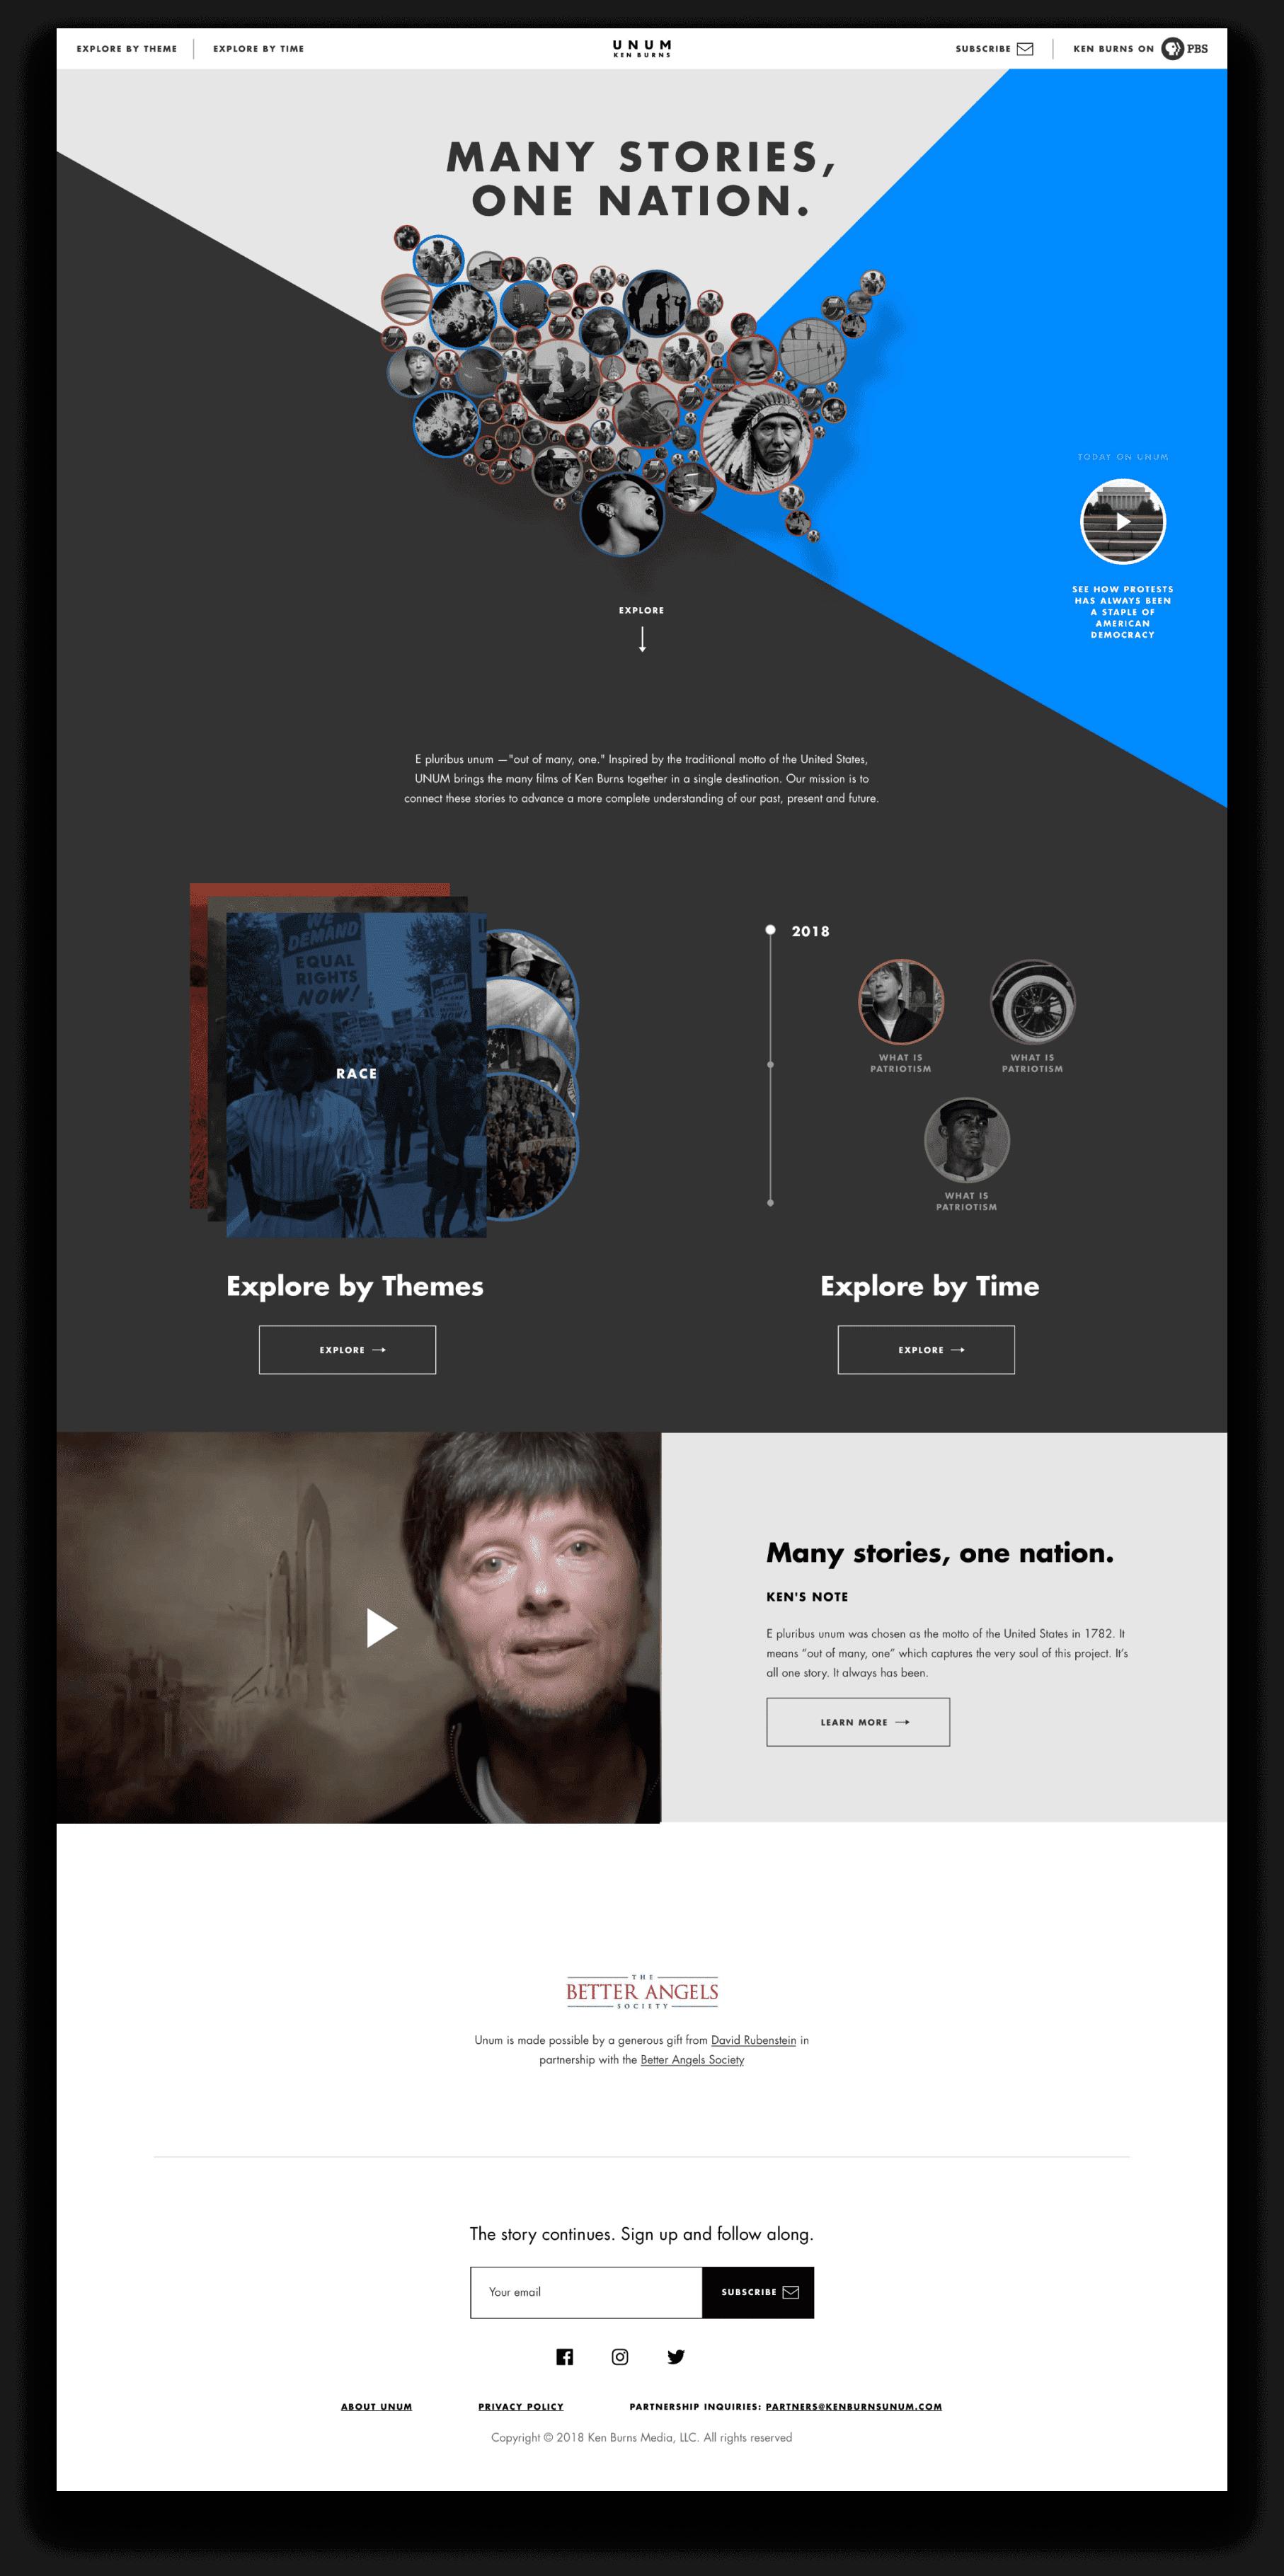 Ken Burns website